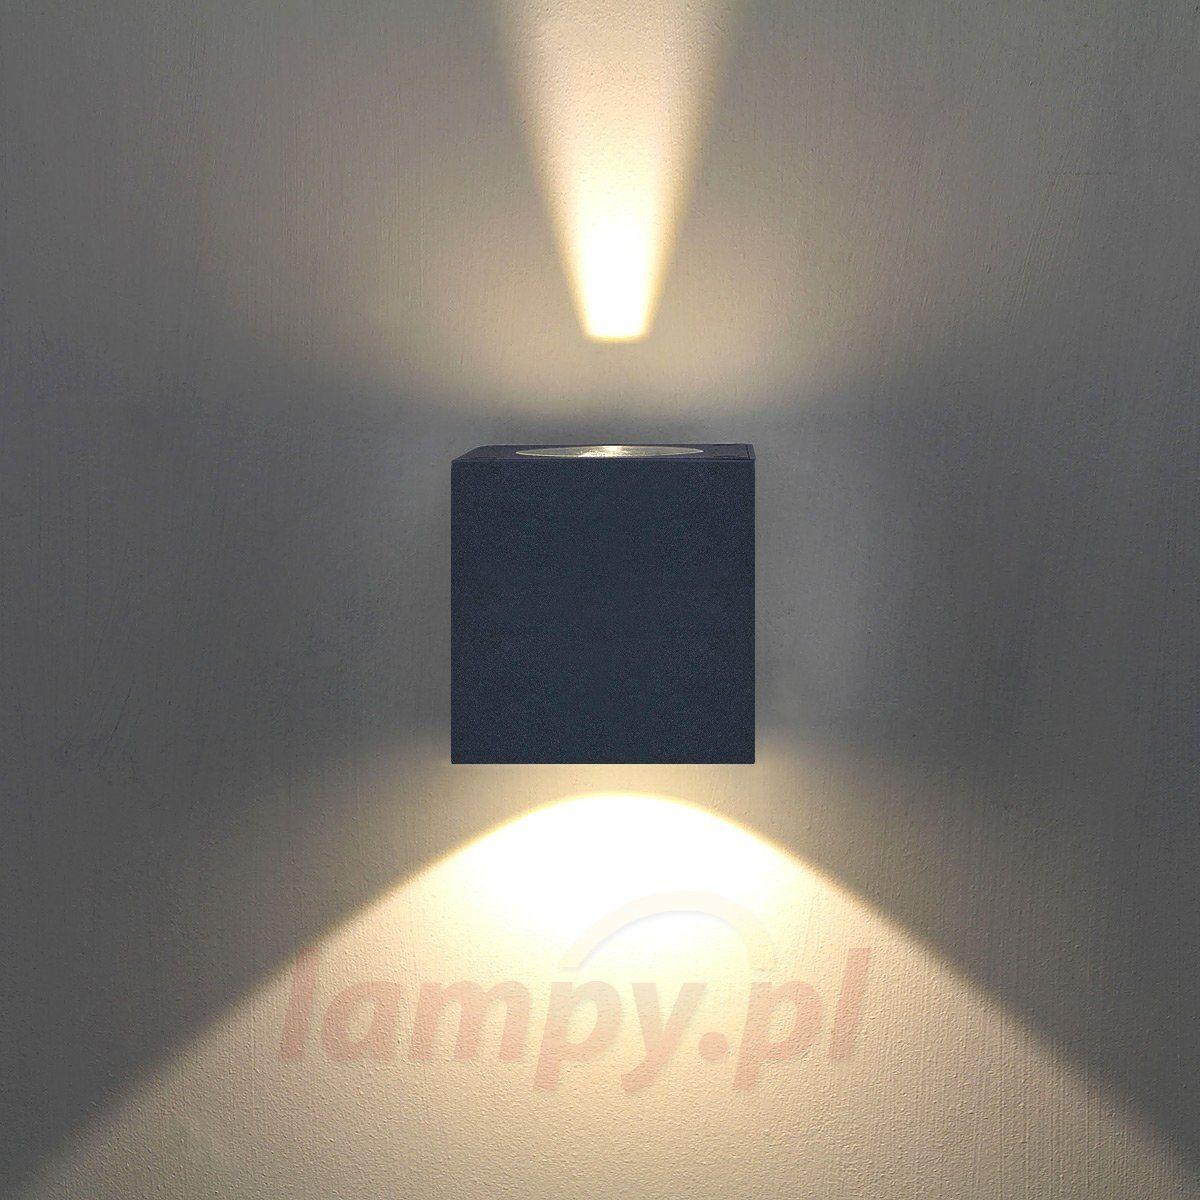 Oswietlenie Zewnetrzne Lampy Na Zewnatrz Lampy Pl Modern Lighting Design Exterior Lighting Wall Lights